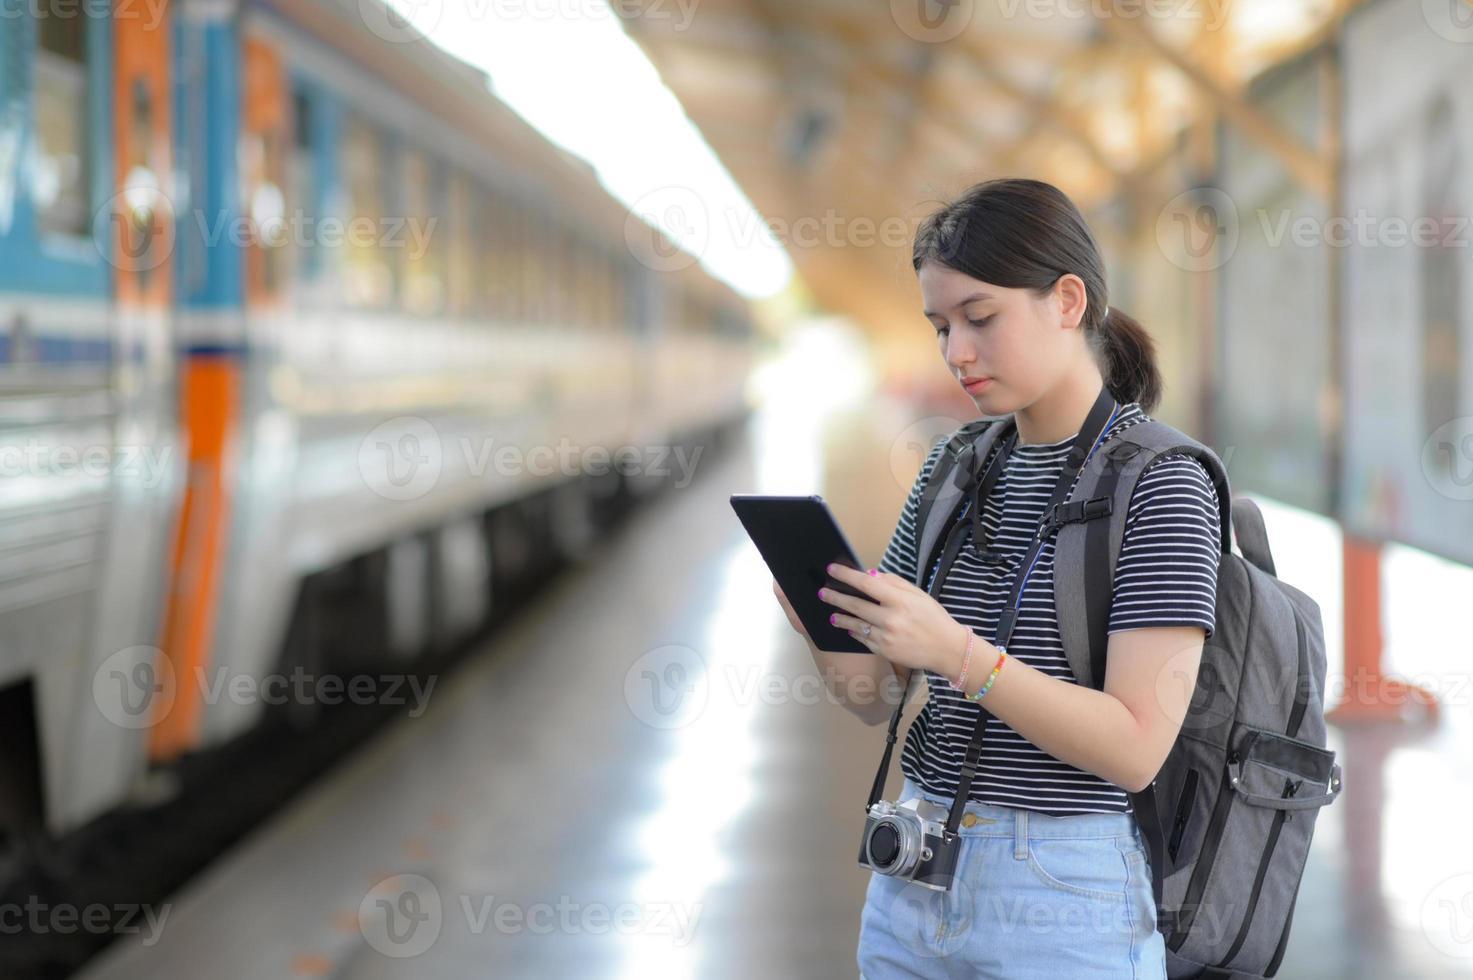 Una viajera extranjera lleva una mochila con una tableta mientras espera el tren. foto